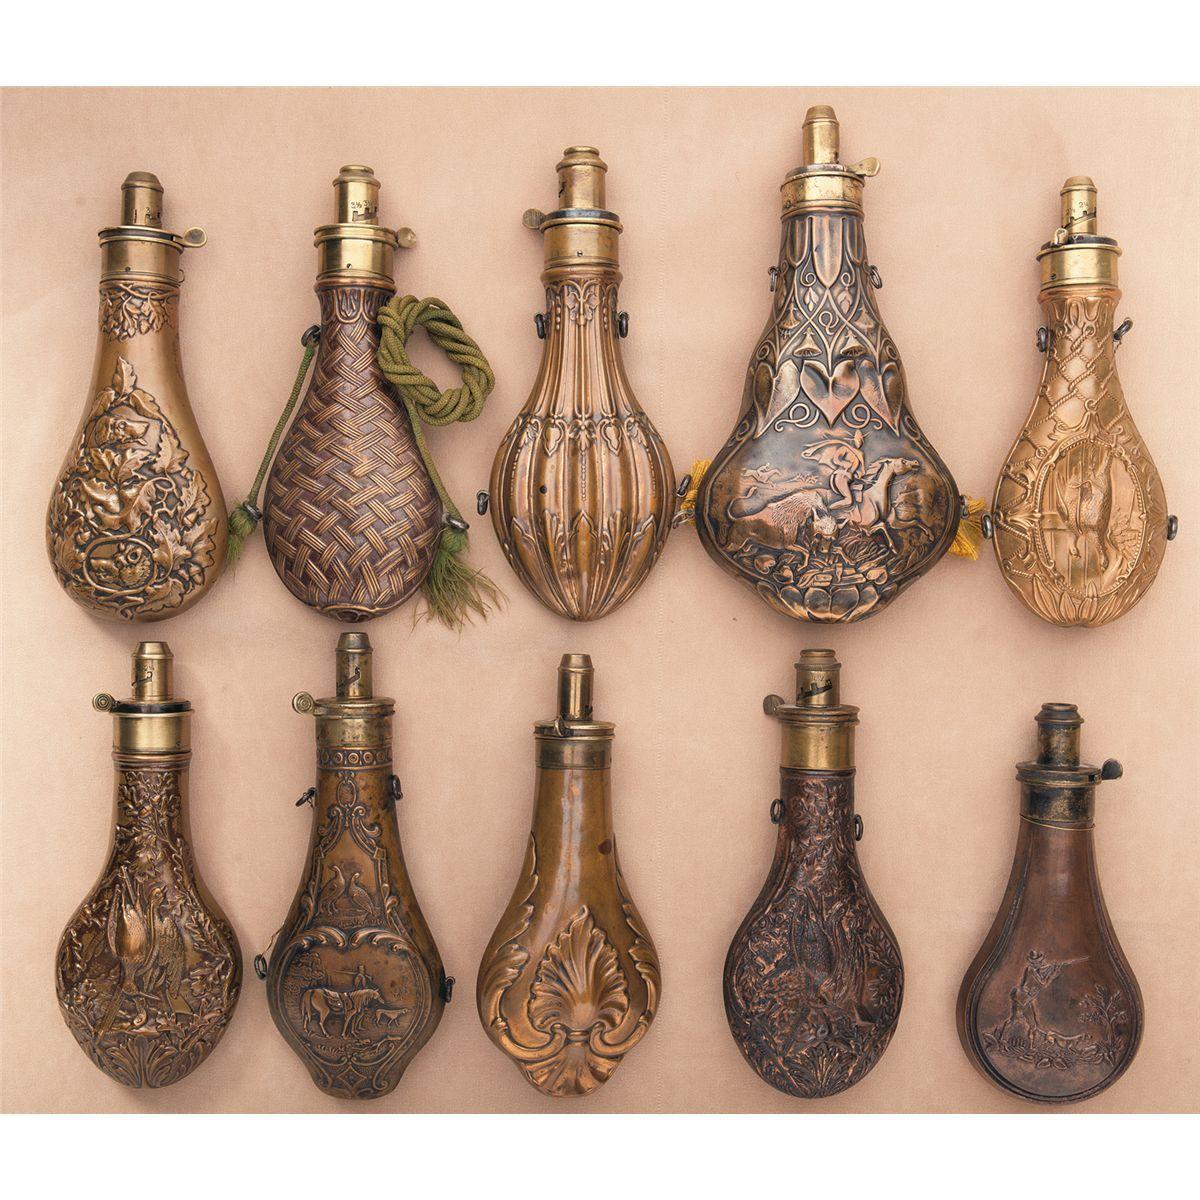 Risultati immagini per gunpowder flask 1500